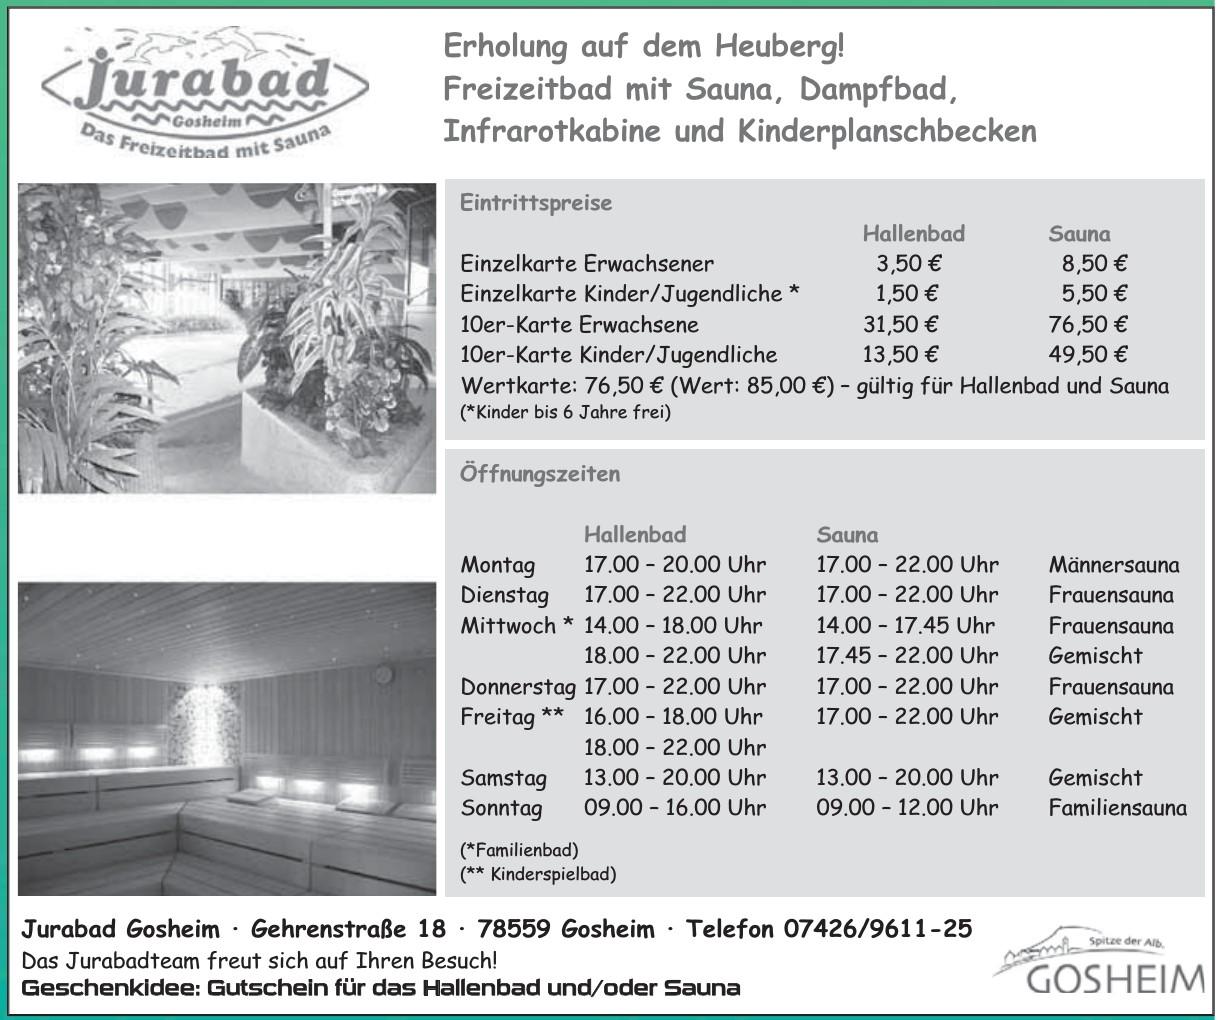 Jurabad Gosheim